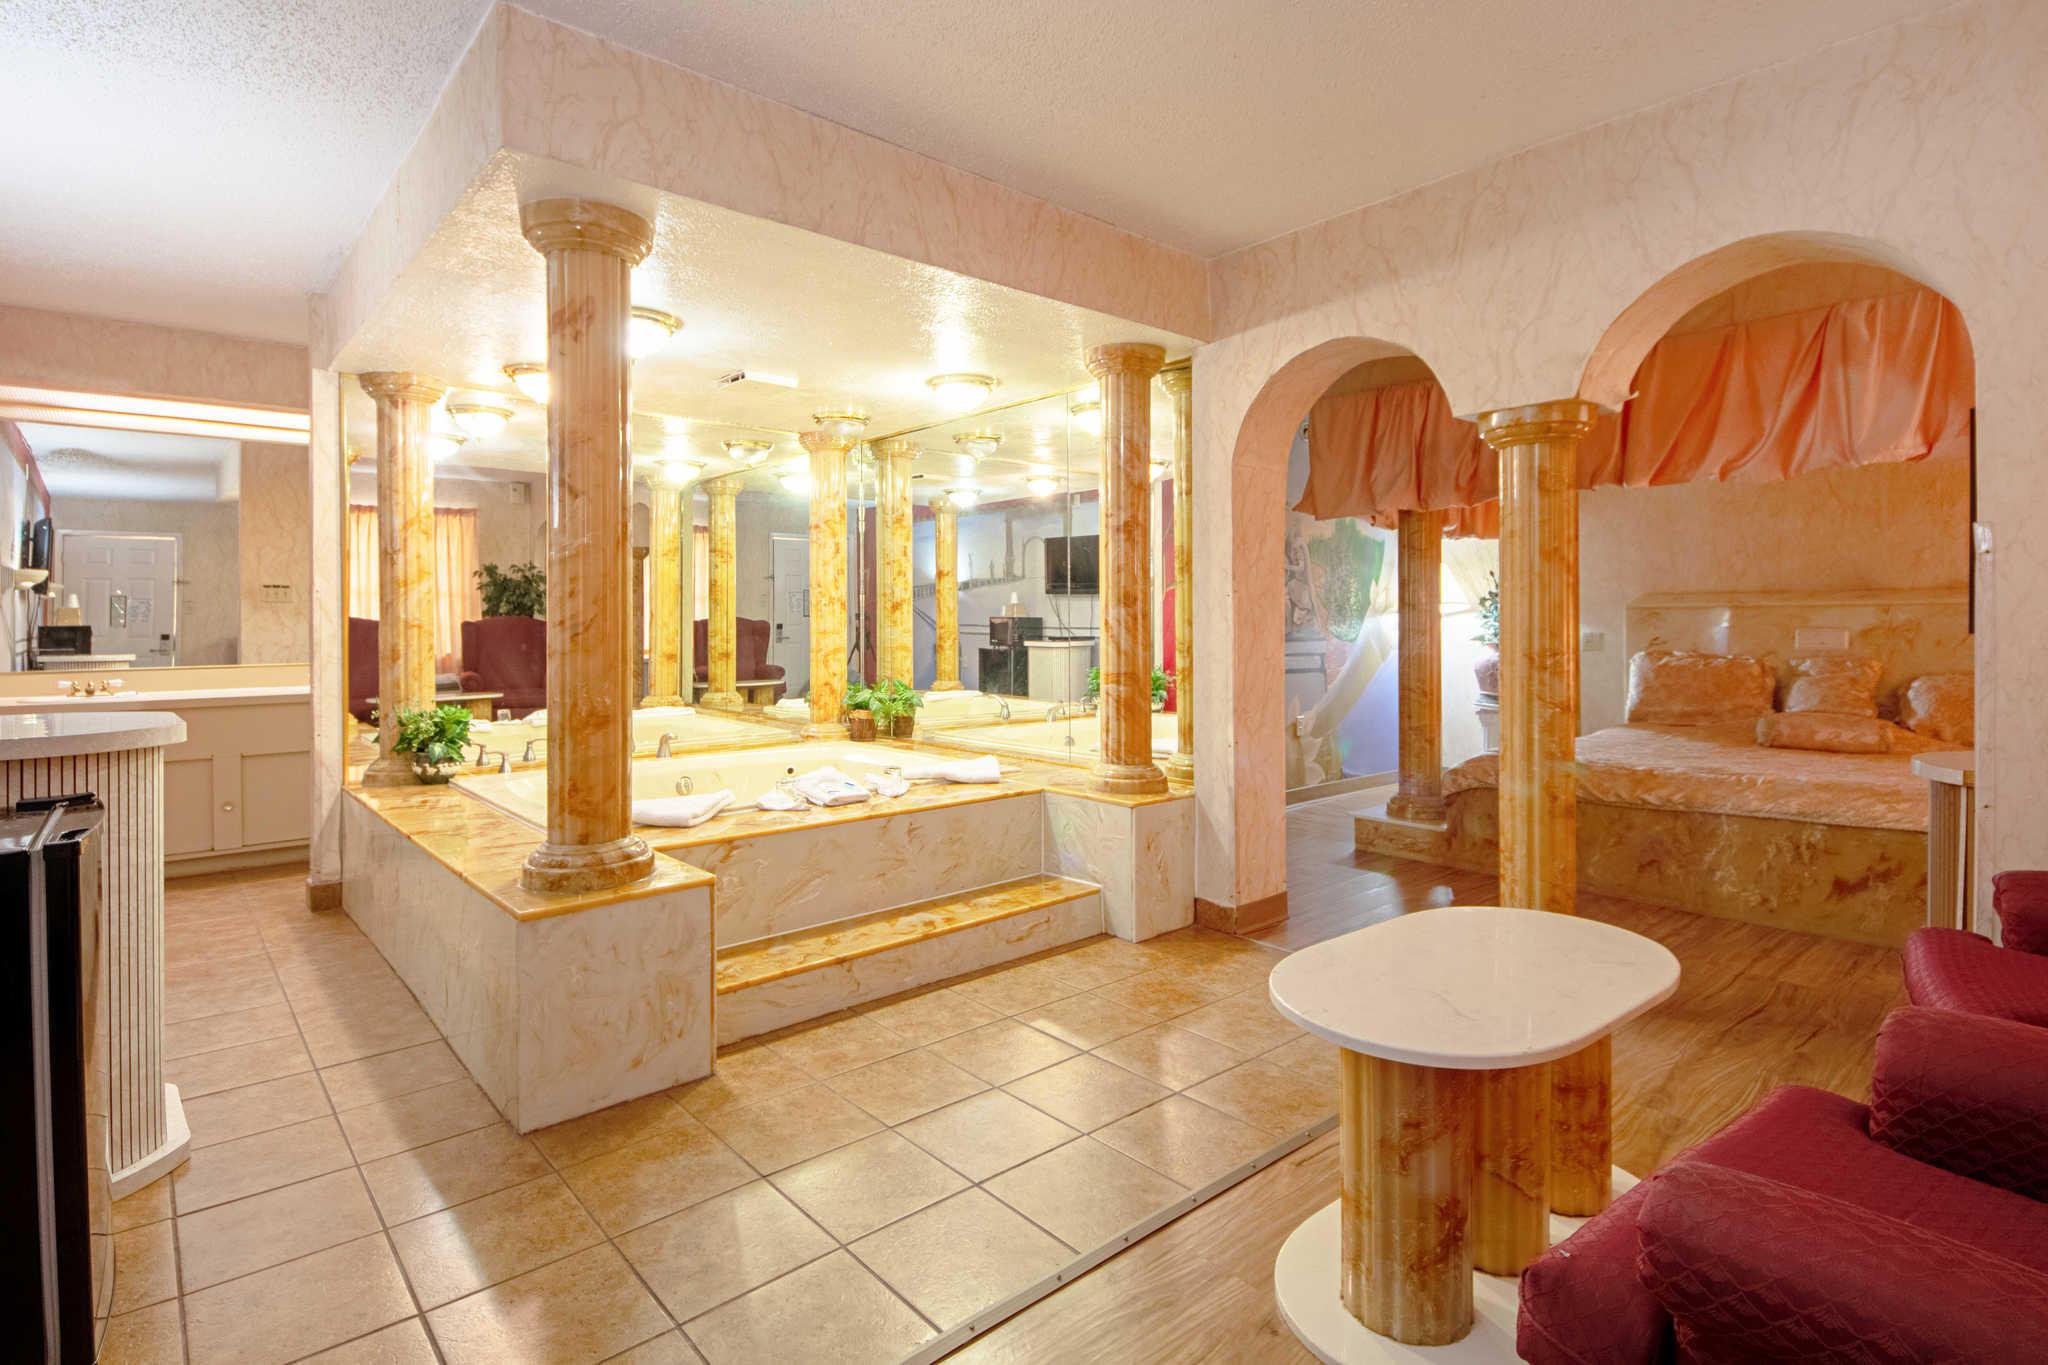 Rodeway Inn & Suites image 41